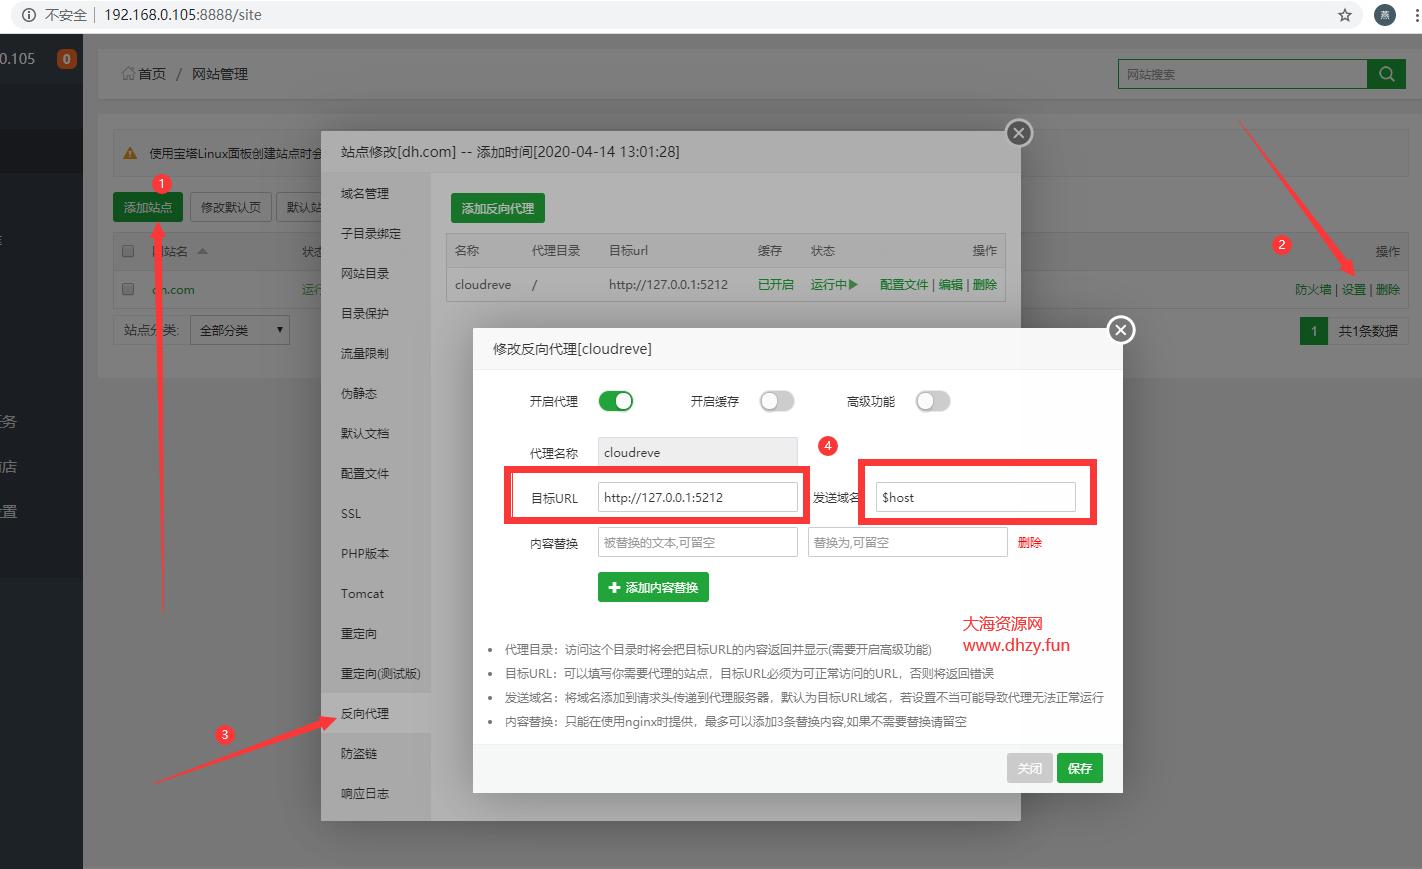 超简单个人网盘搭建教程,宝塔面板安装Cloudreve 新版V3(go版本) – 支持本机、从机、七牛、阿里云 OSS、腾讯云 COS、又拍云、OneDrive (包括世纪互联版)